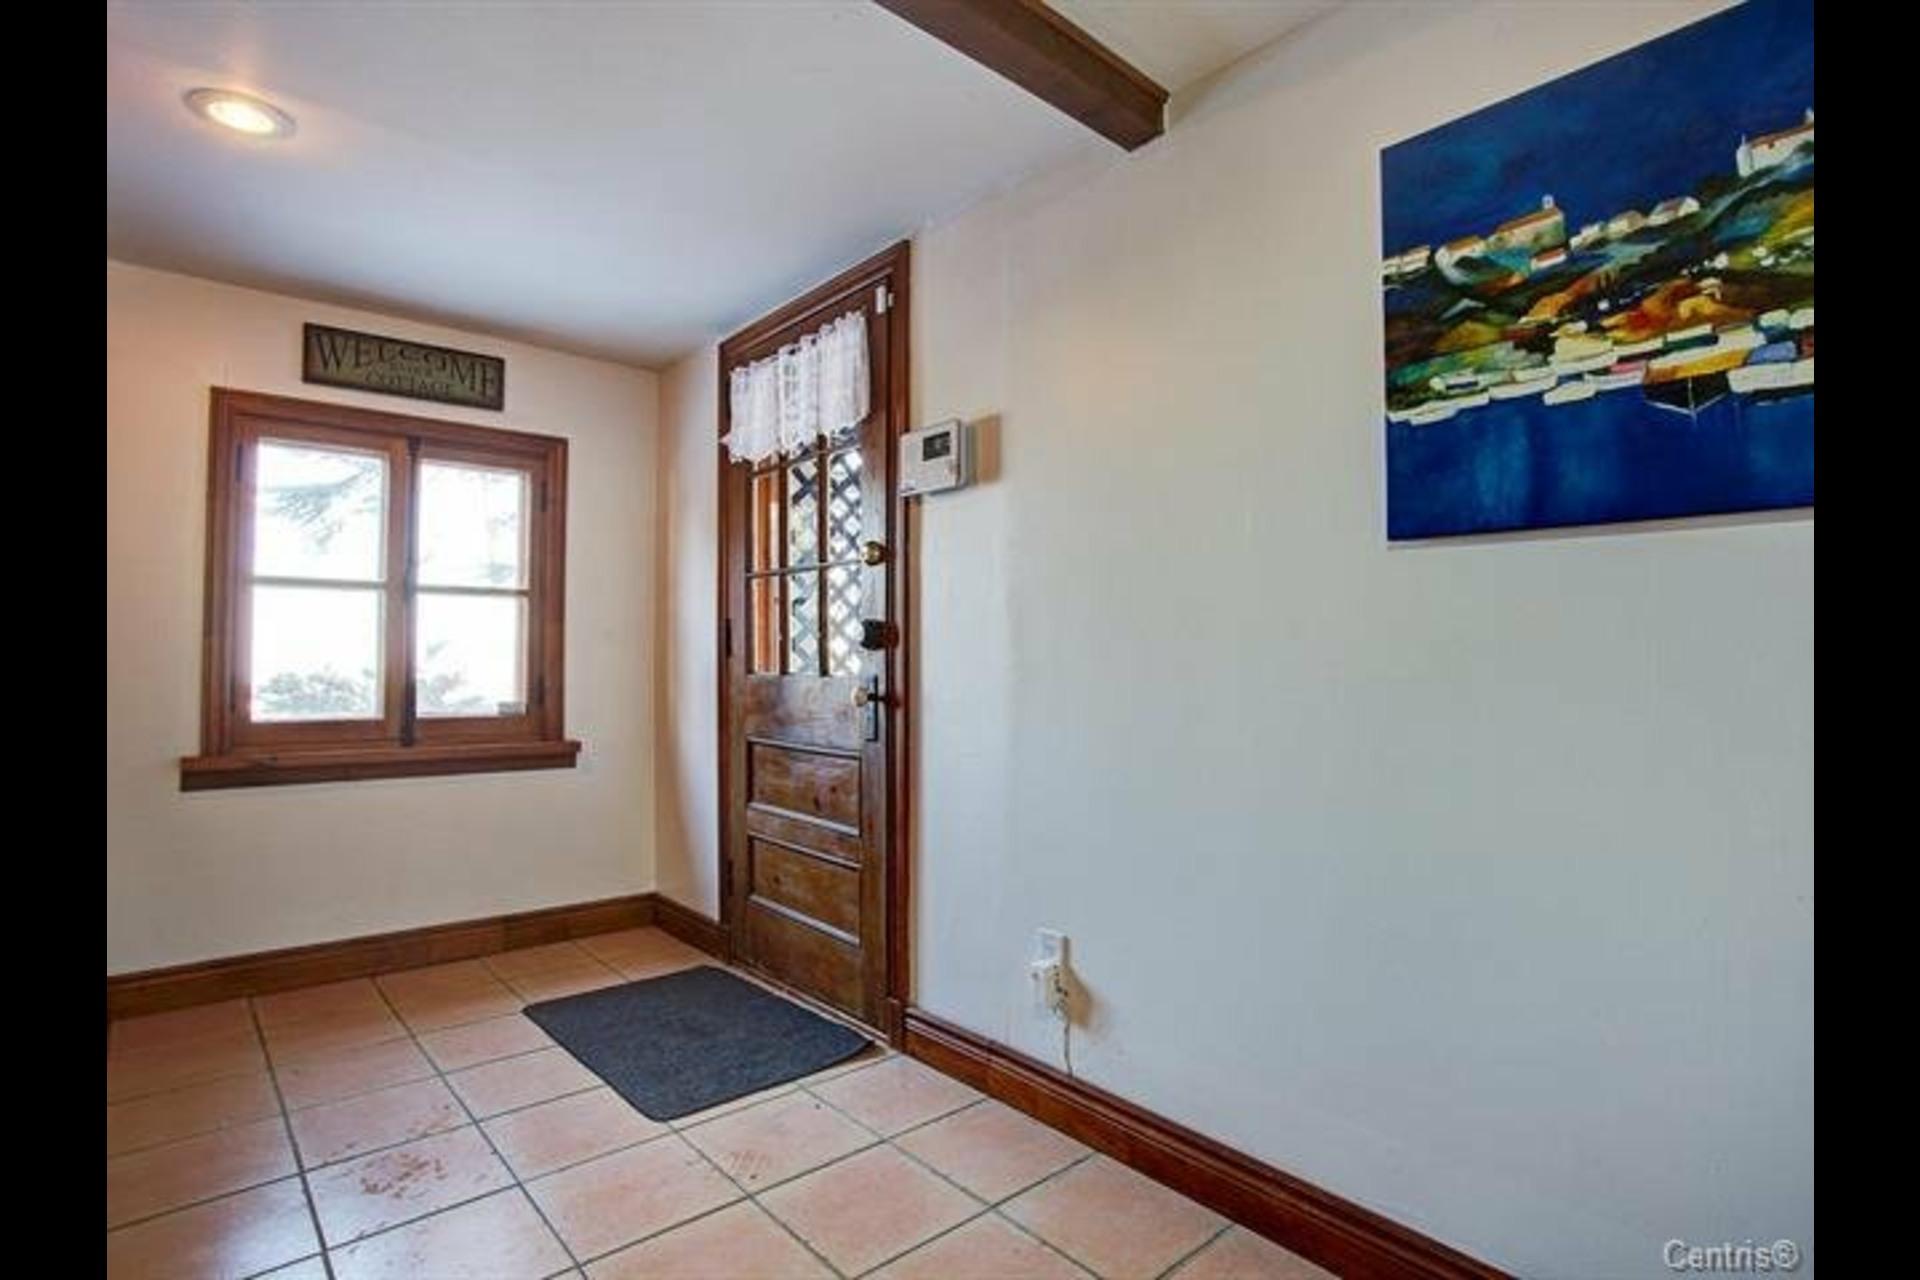 image 19 - Maison À vendre Vaudreuil-Dorion - 12 pièces